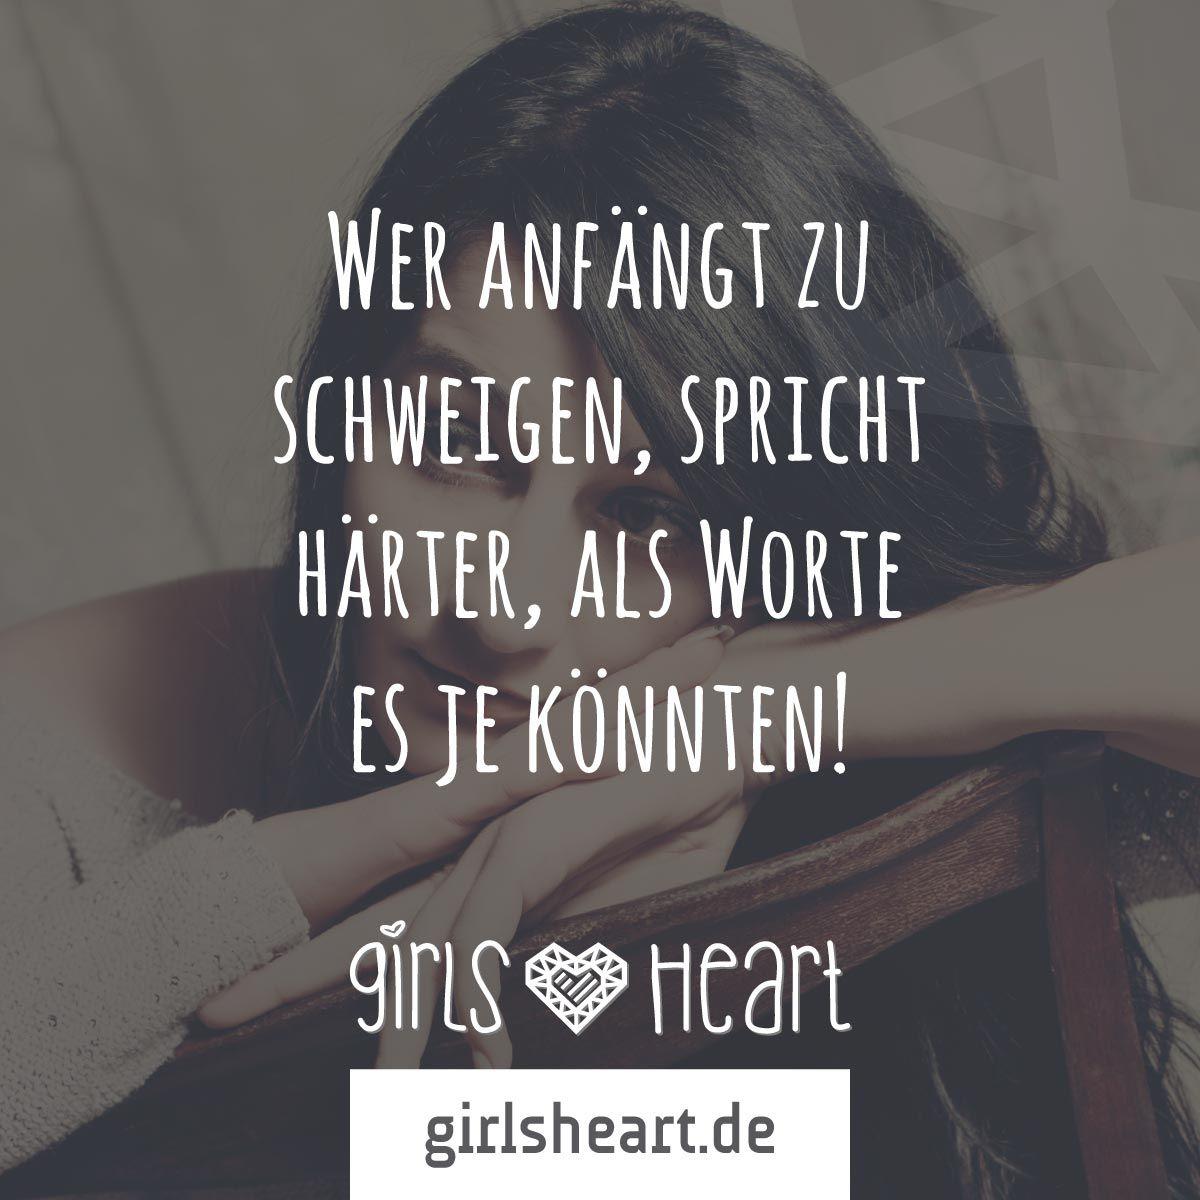 Mehr Spruche Auf Www Girlsheart De Schweigen Trauer Wut Enttauschung